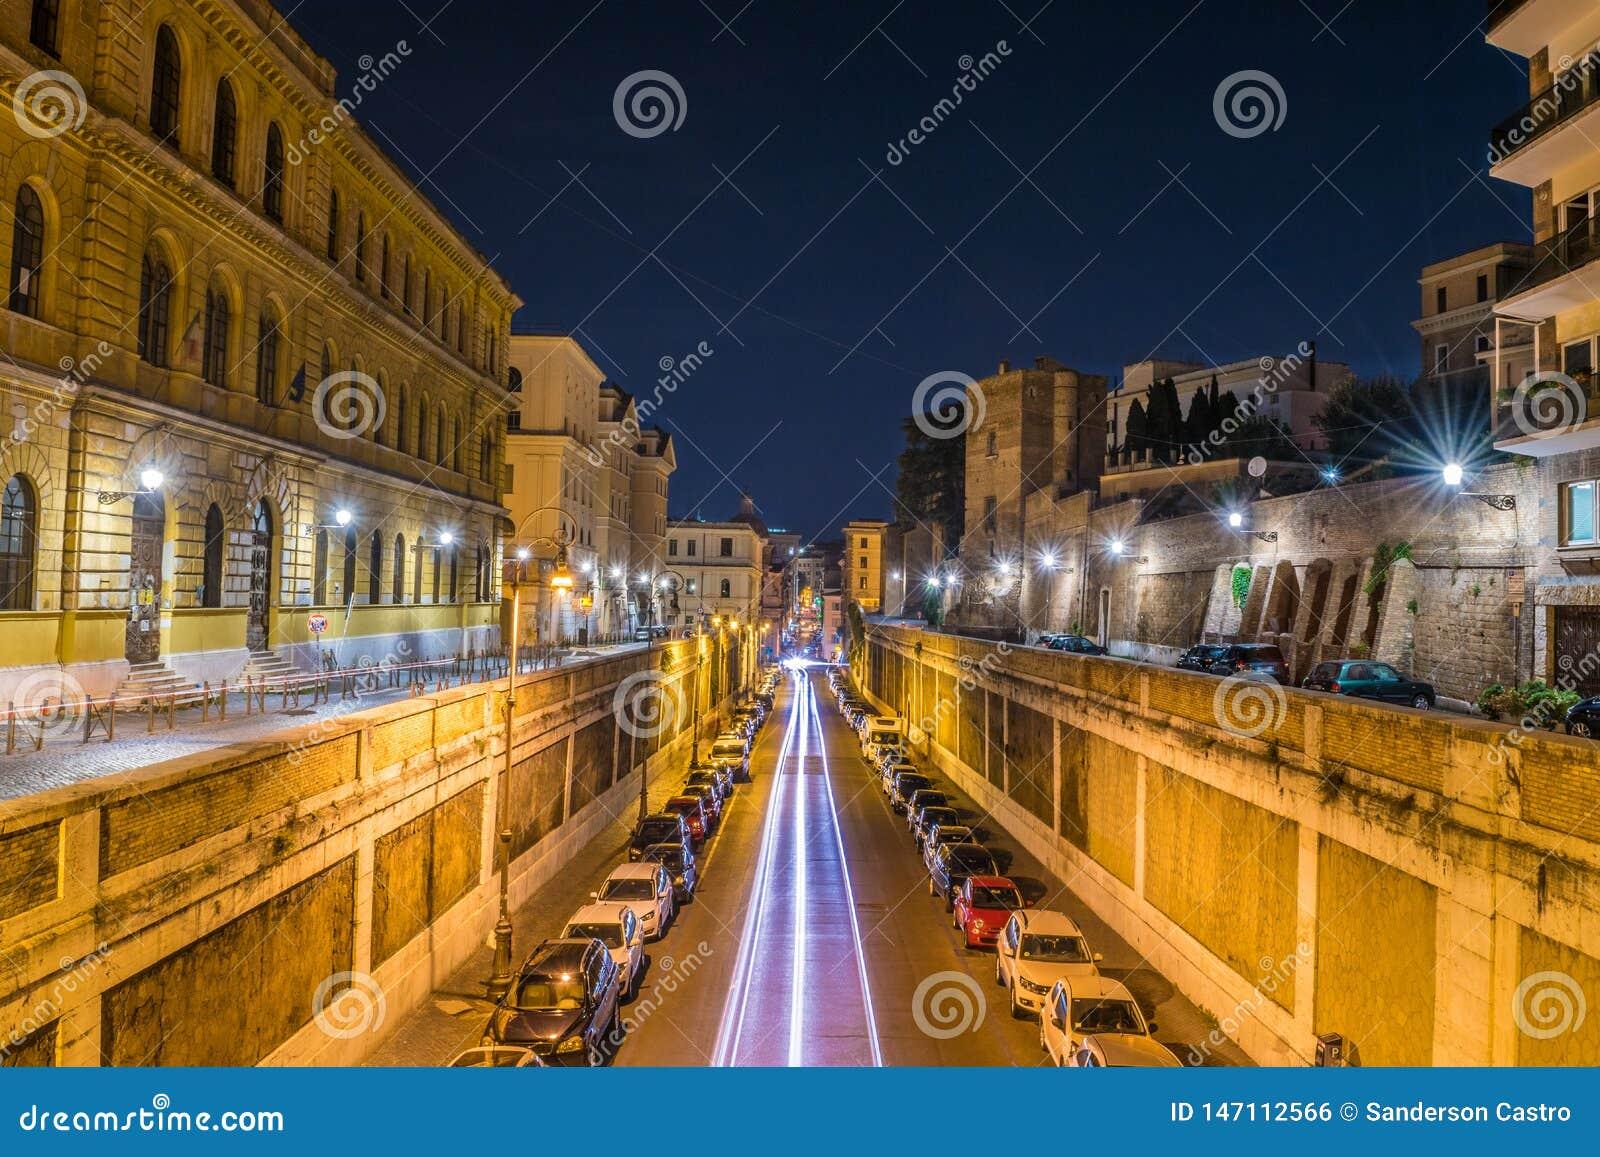 Pistas ligeras de vehículos en la calle de Annibaldi en la noche en Roma - Italia